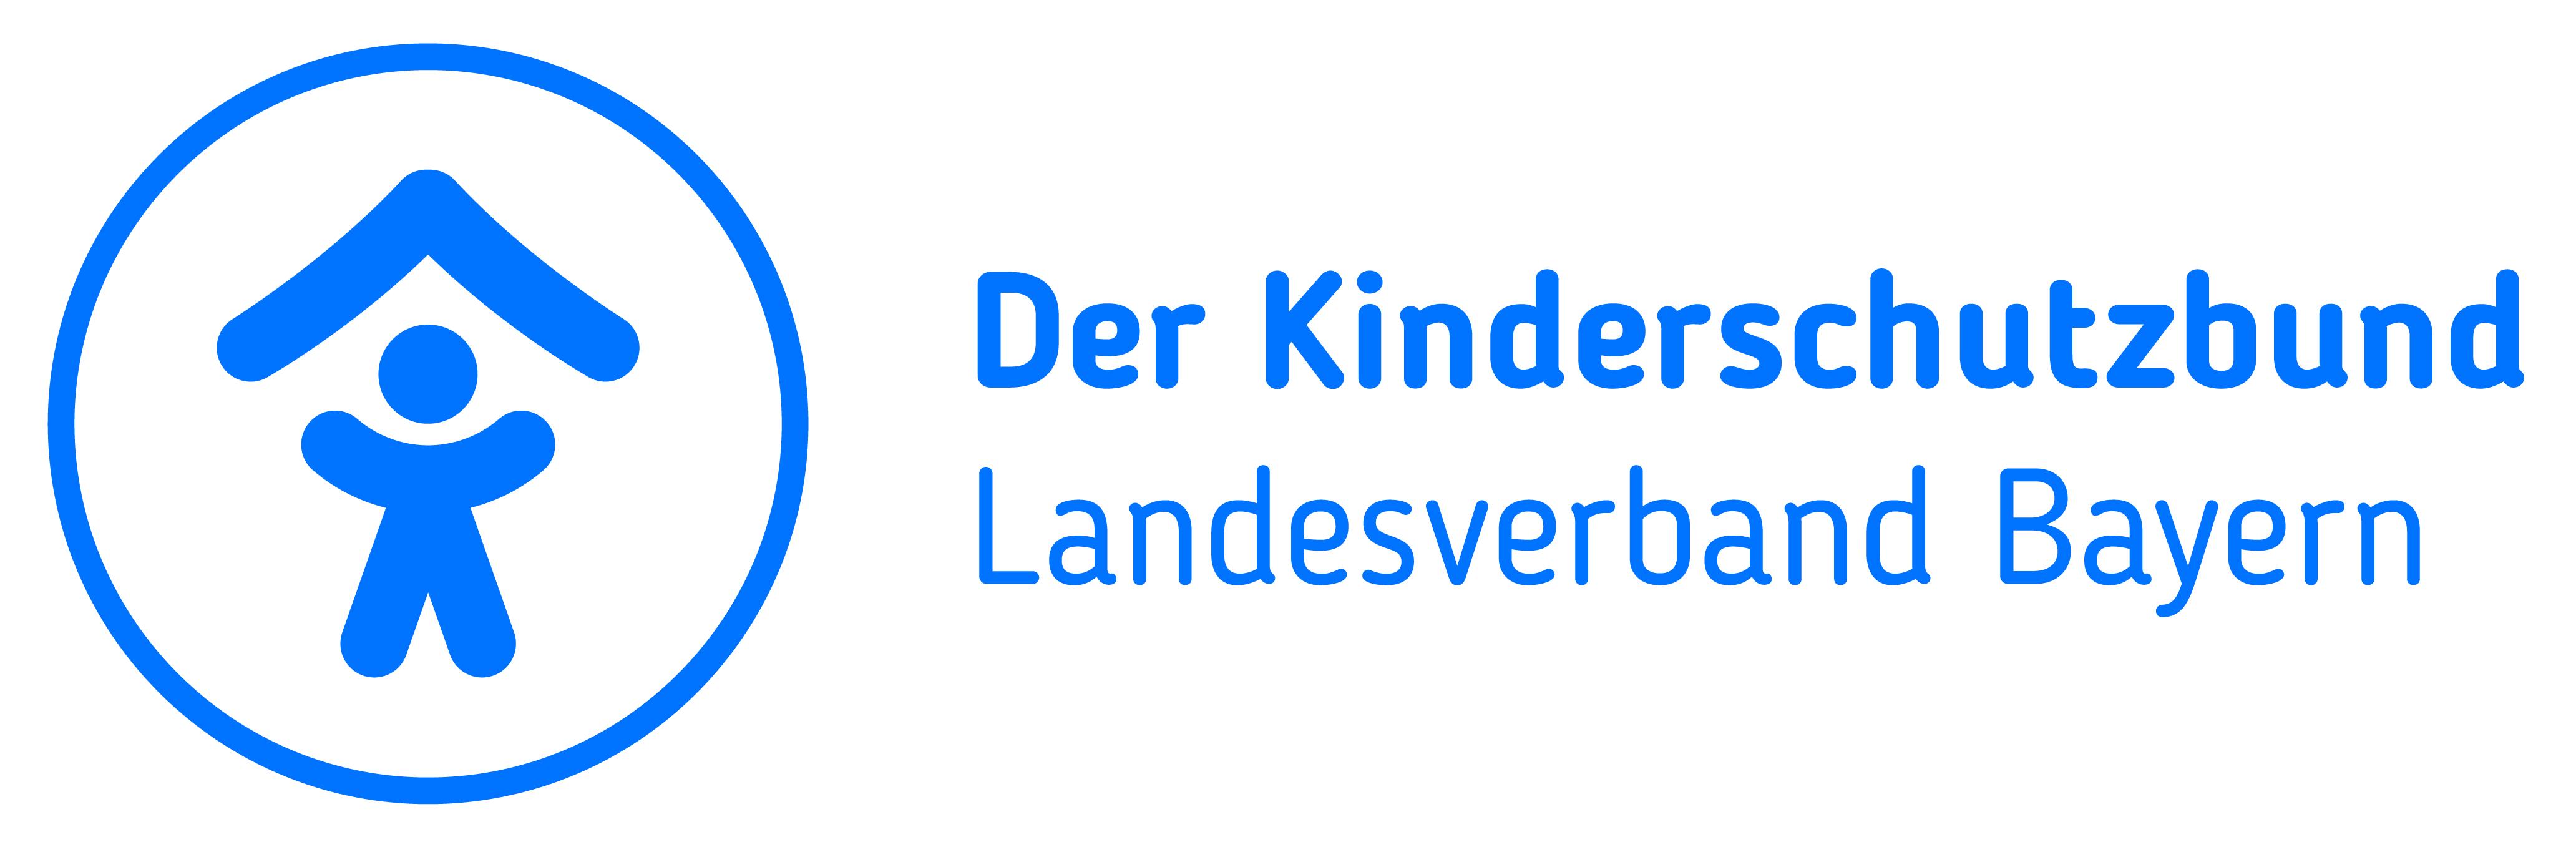 Der Kinderschutzbund Landesverband Bayern